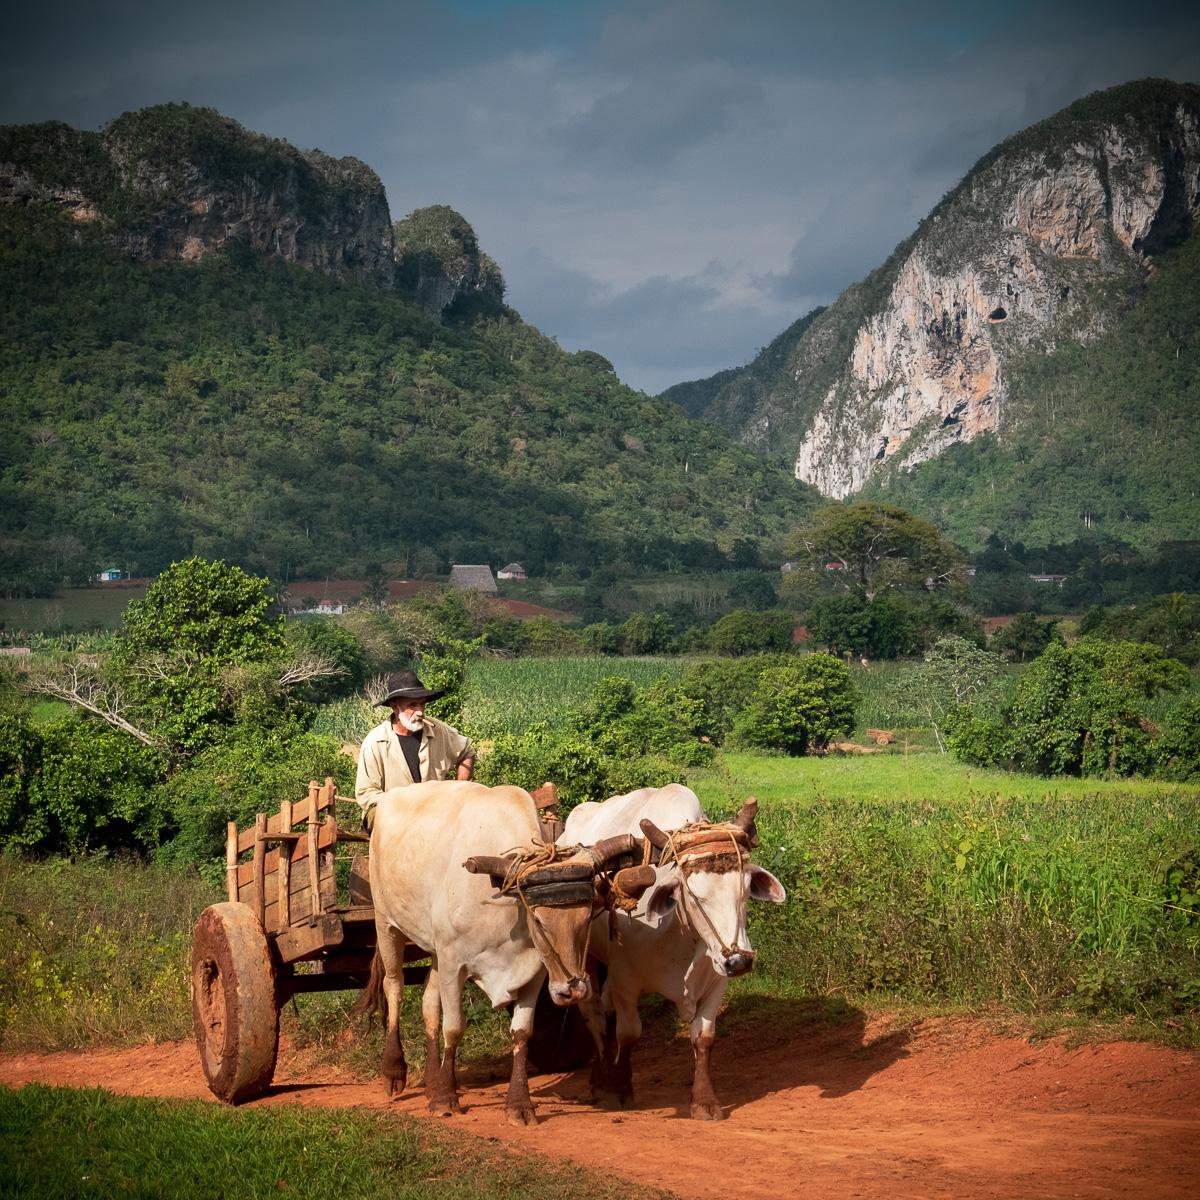 Cigar on an ox cart.